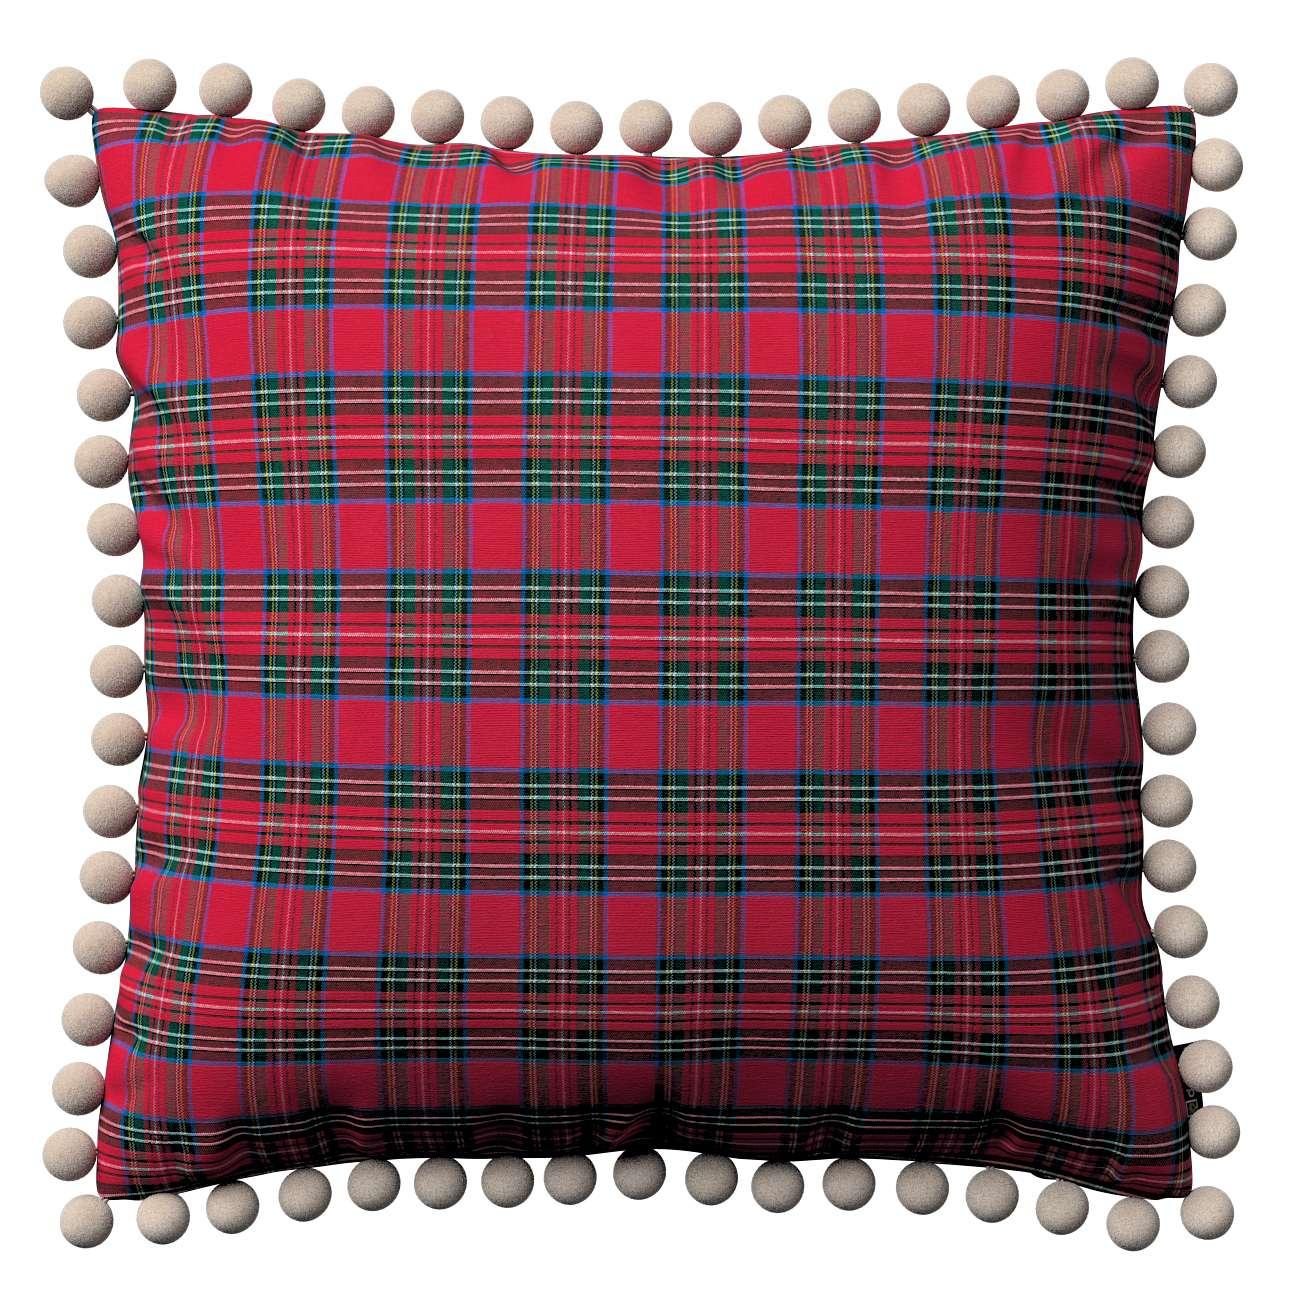 Poszewka Wera na poduszkę 45 x 45 cm w kolekcji Bristol, tkanina: 126-29